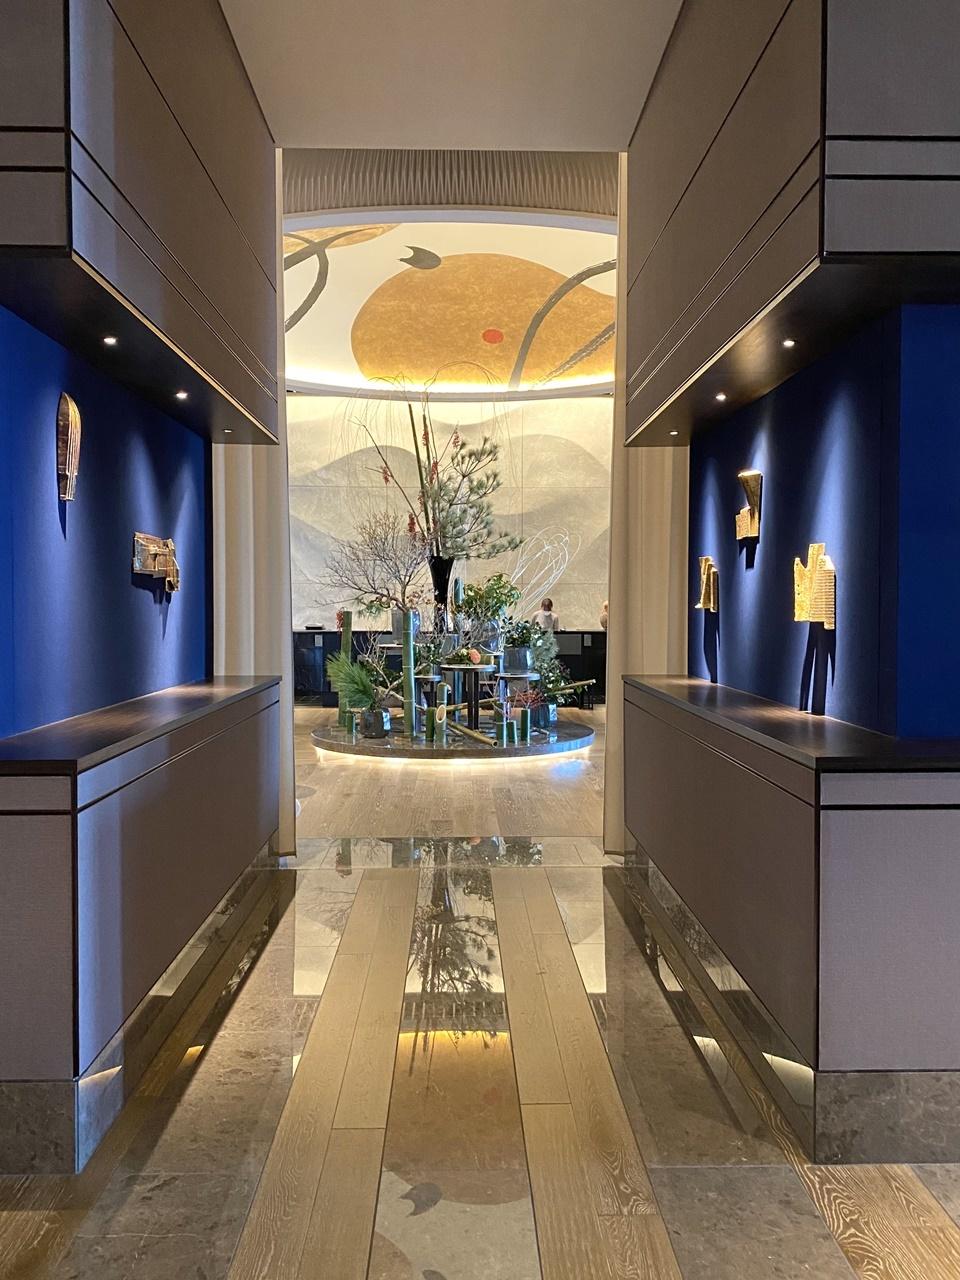 フォーシーズンズホテル大手町39階「THE LOUNGE」エントランス